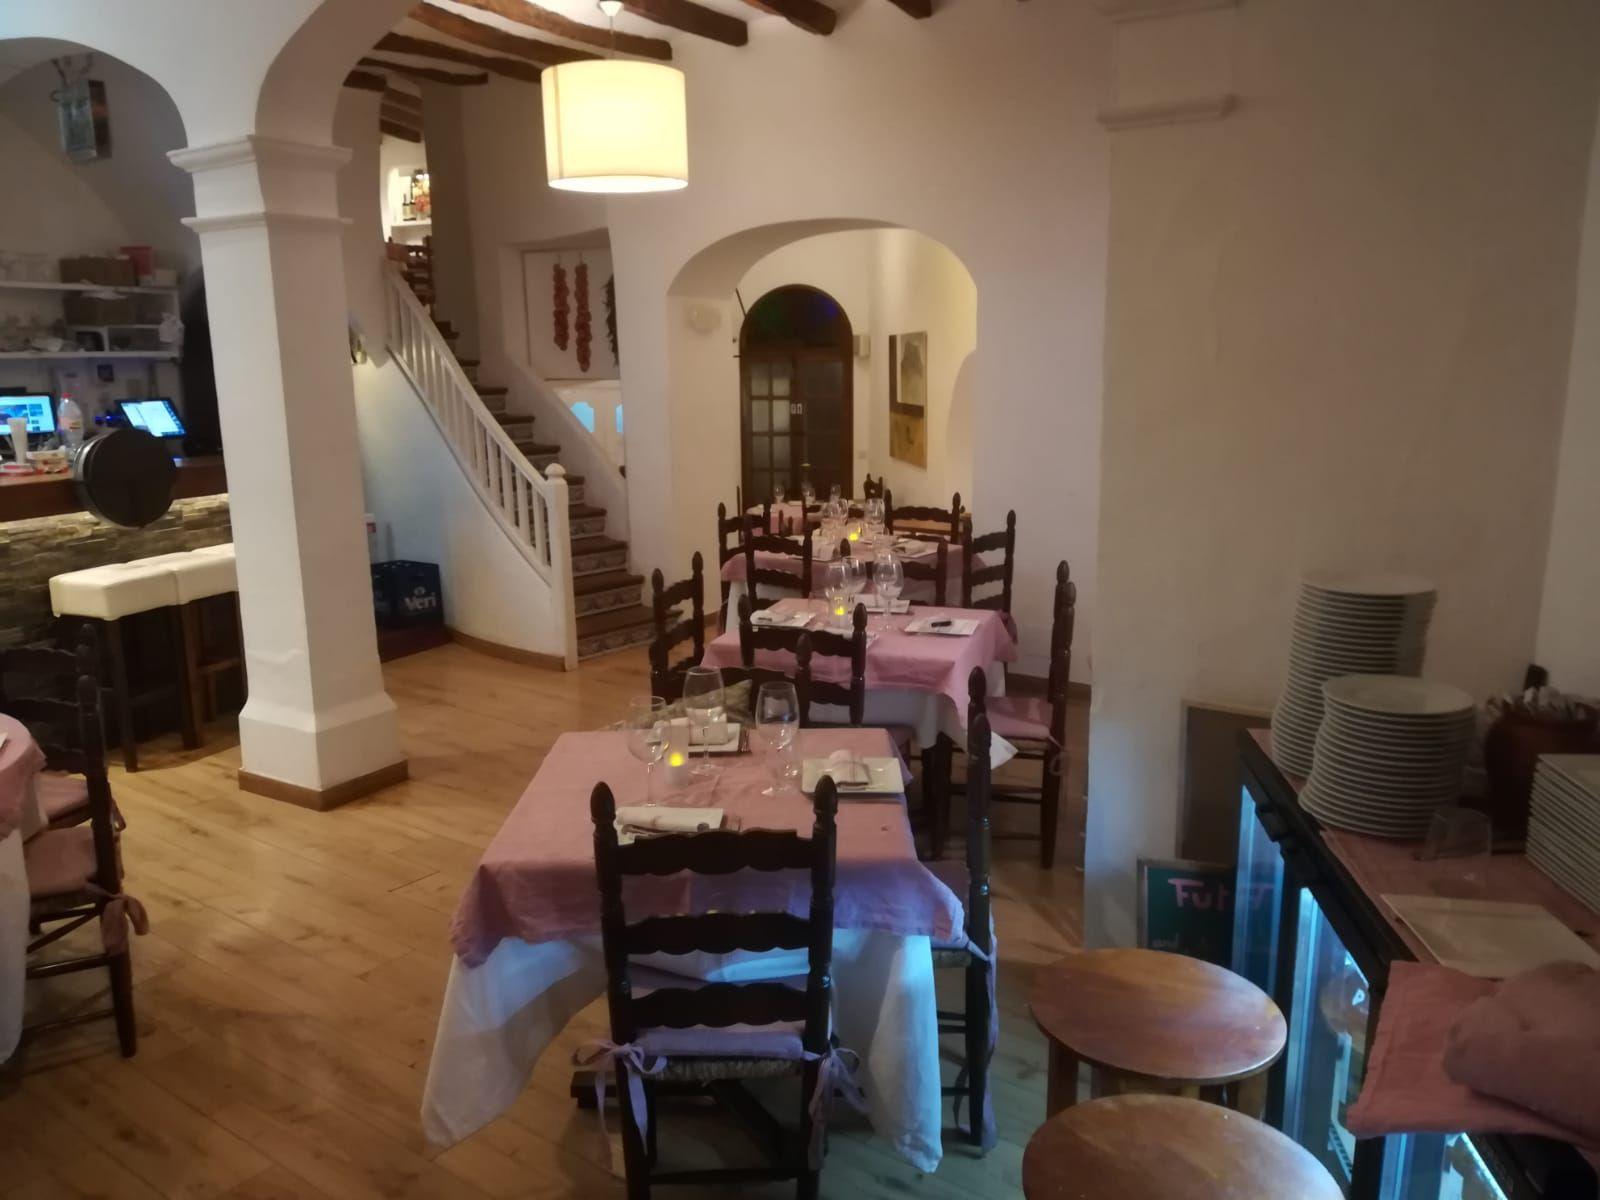 Mallorcan cuisine in Sóller